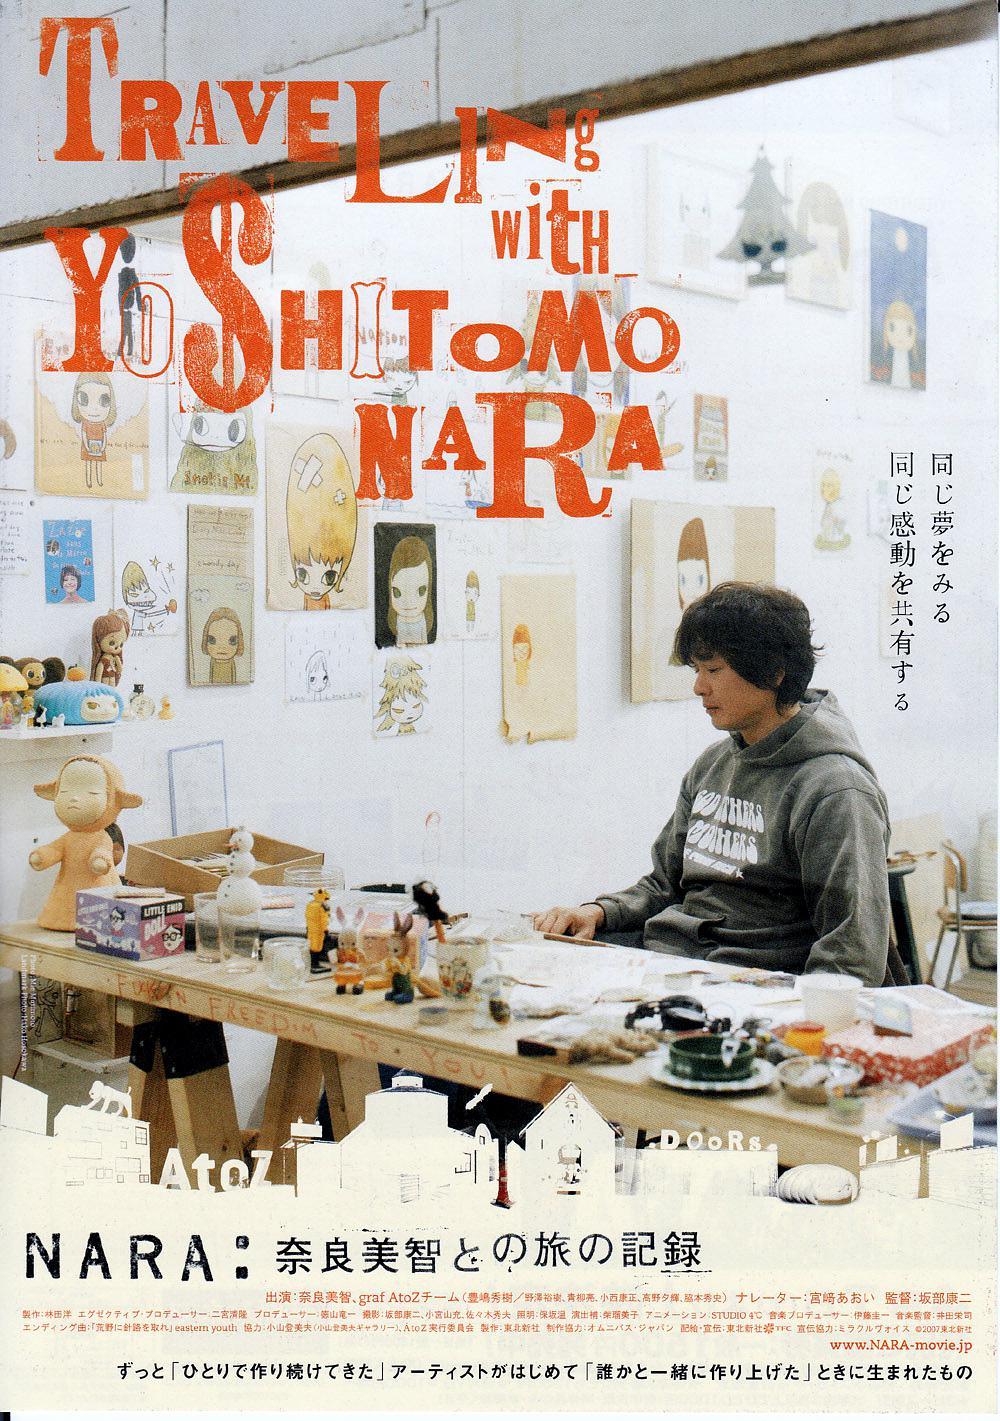 奈良美智和他的旅行记录